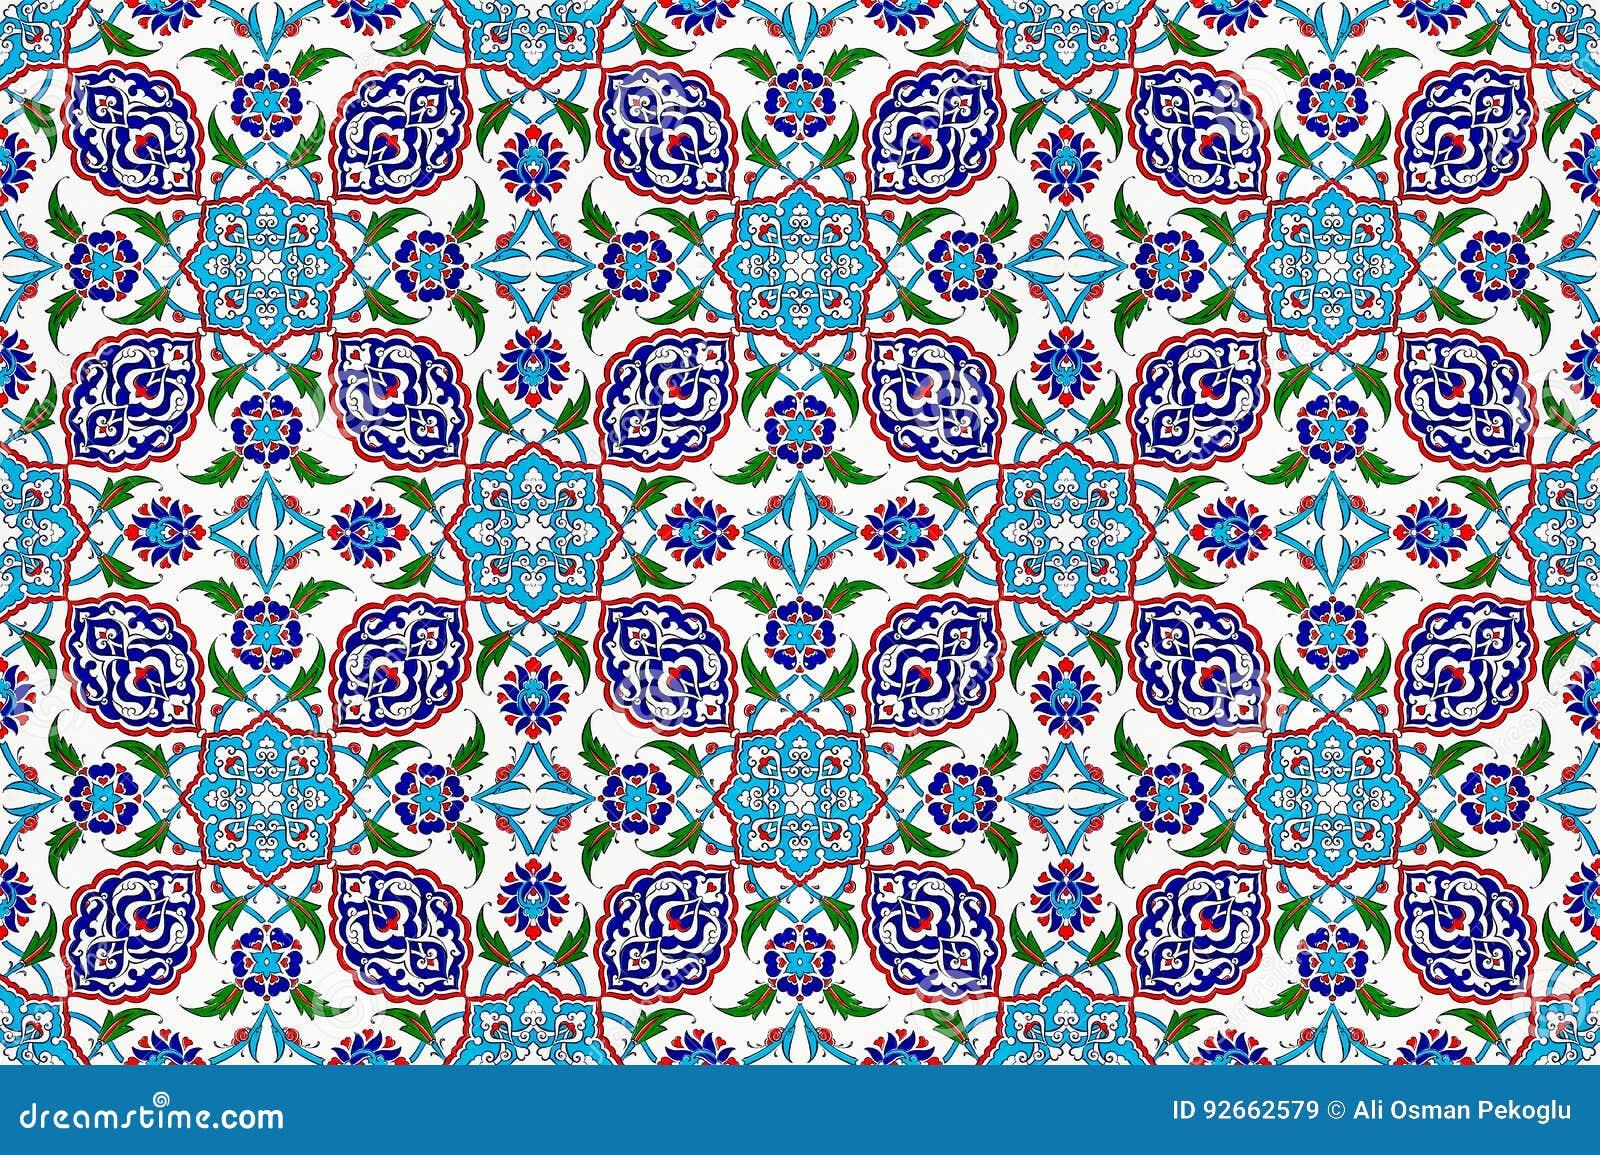 锦砖样式,伊斯兰教的主题